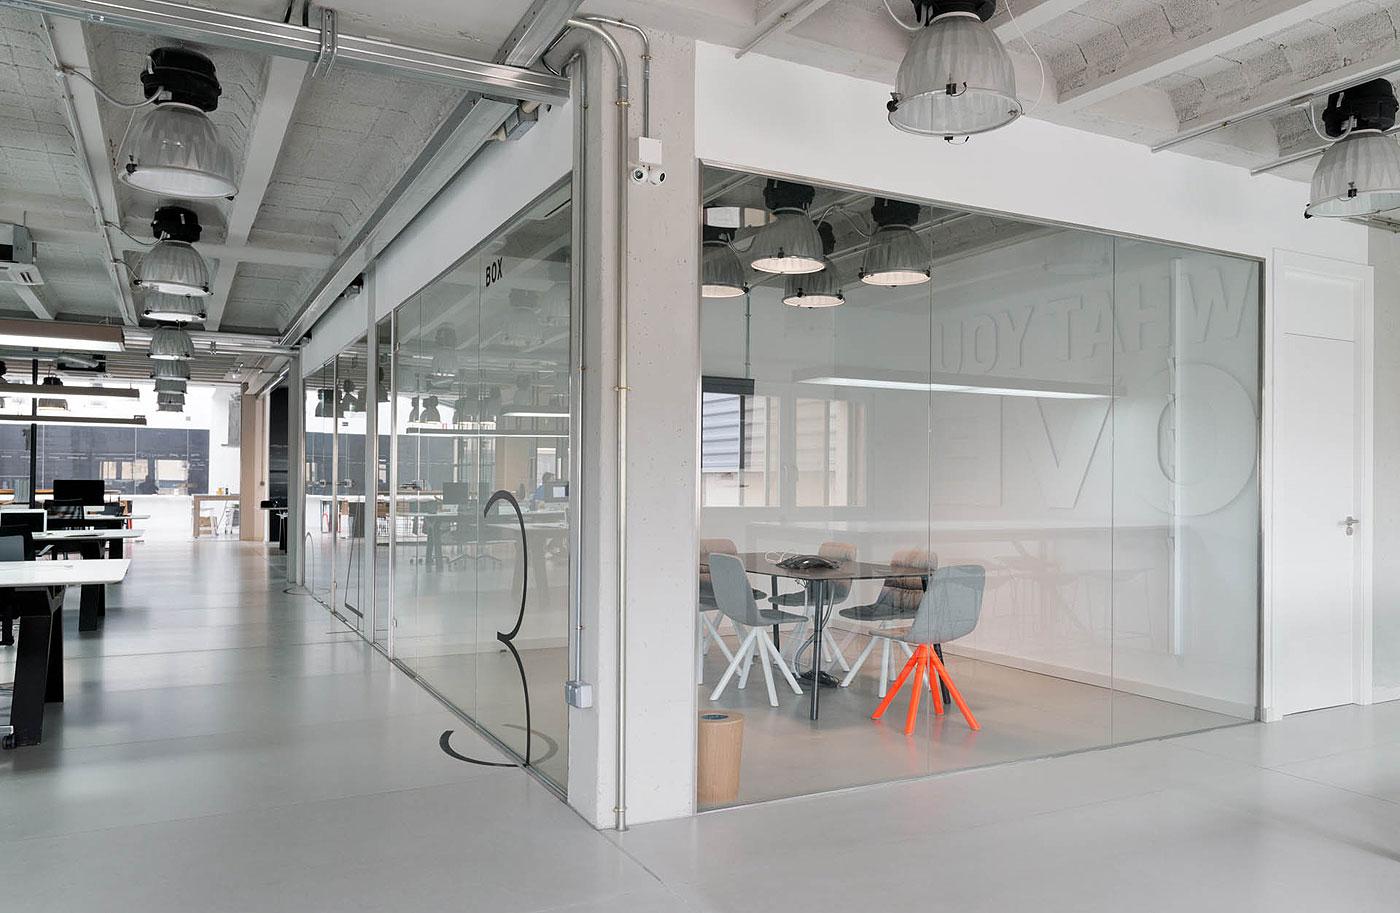 Compac celebra su 40 aniversario con nuevas oficinas for Oficinas modernas 2016